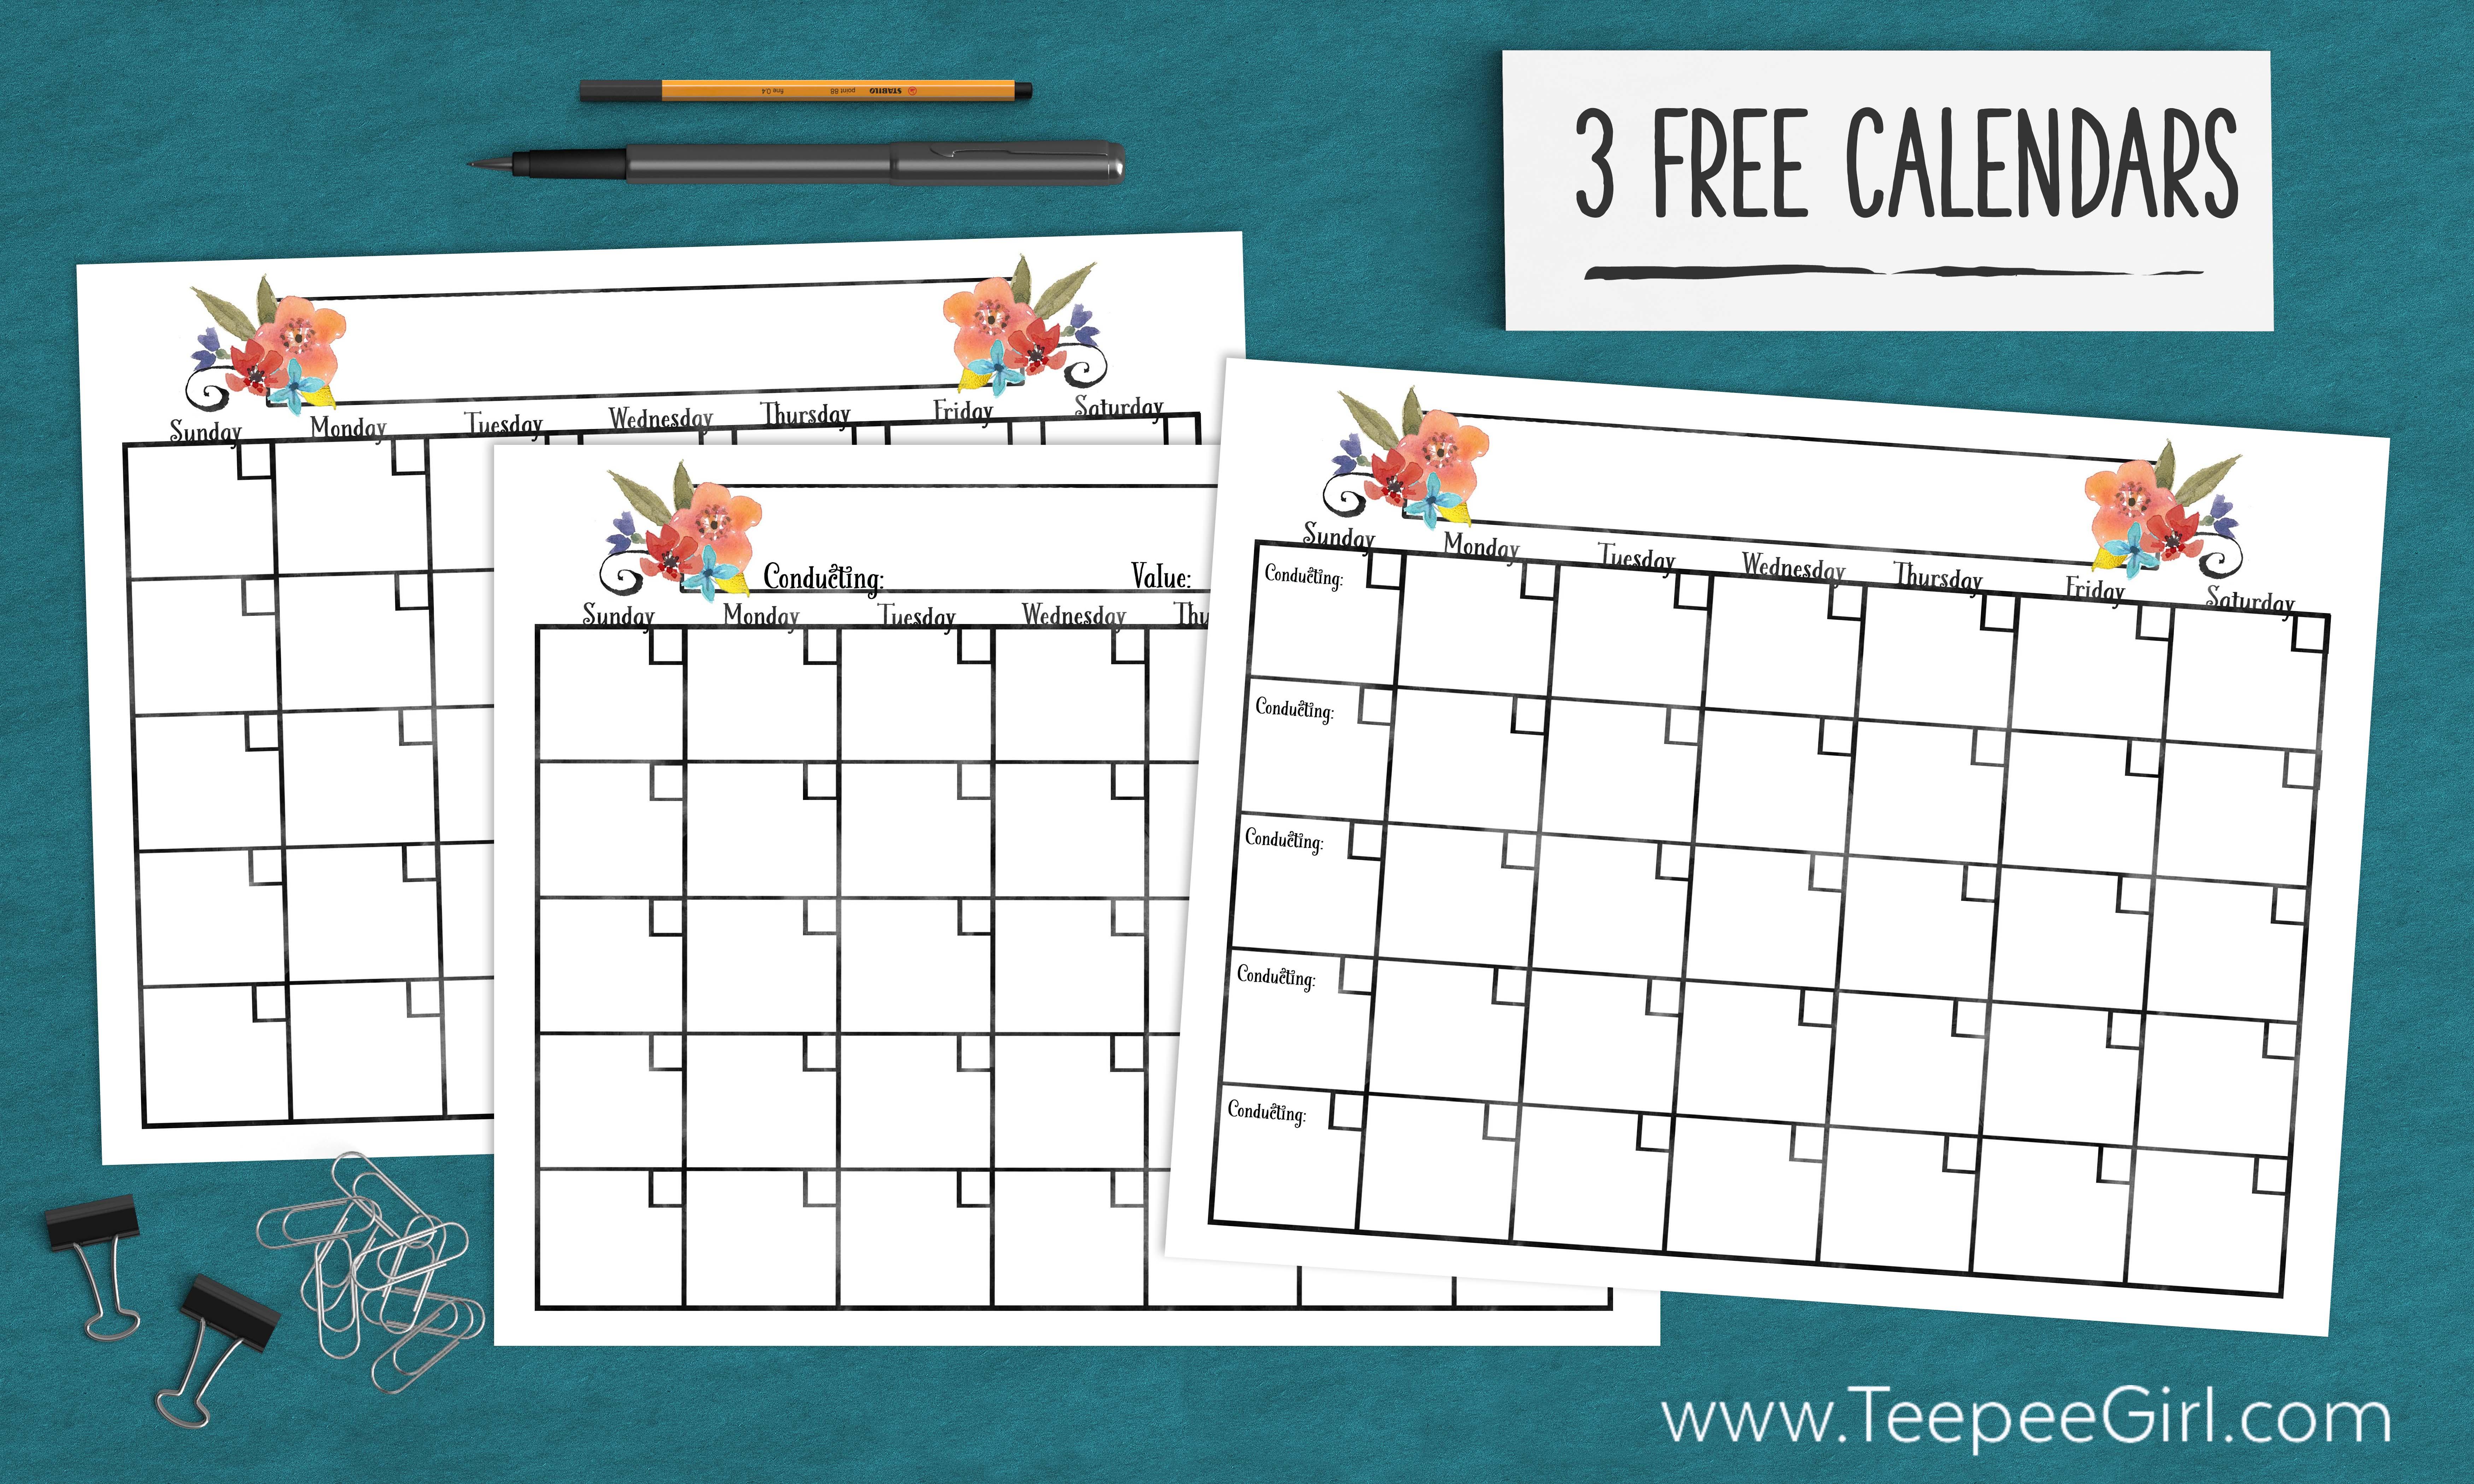 free online flirting games for girls 2017 calendar 2016